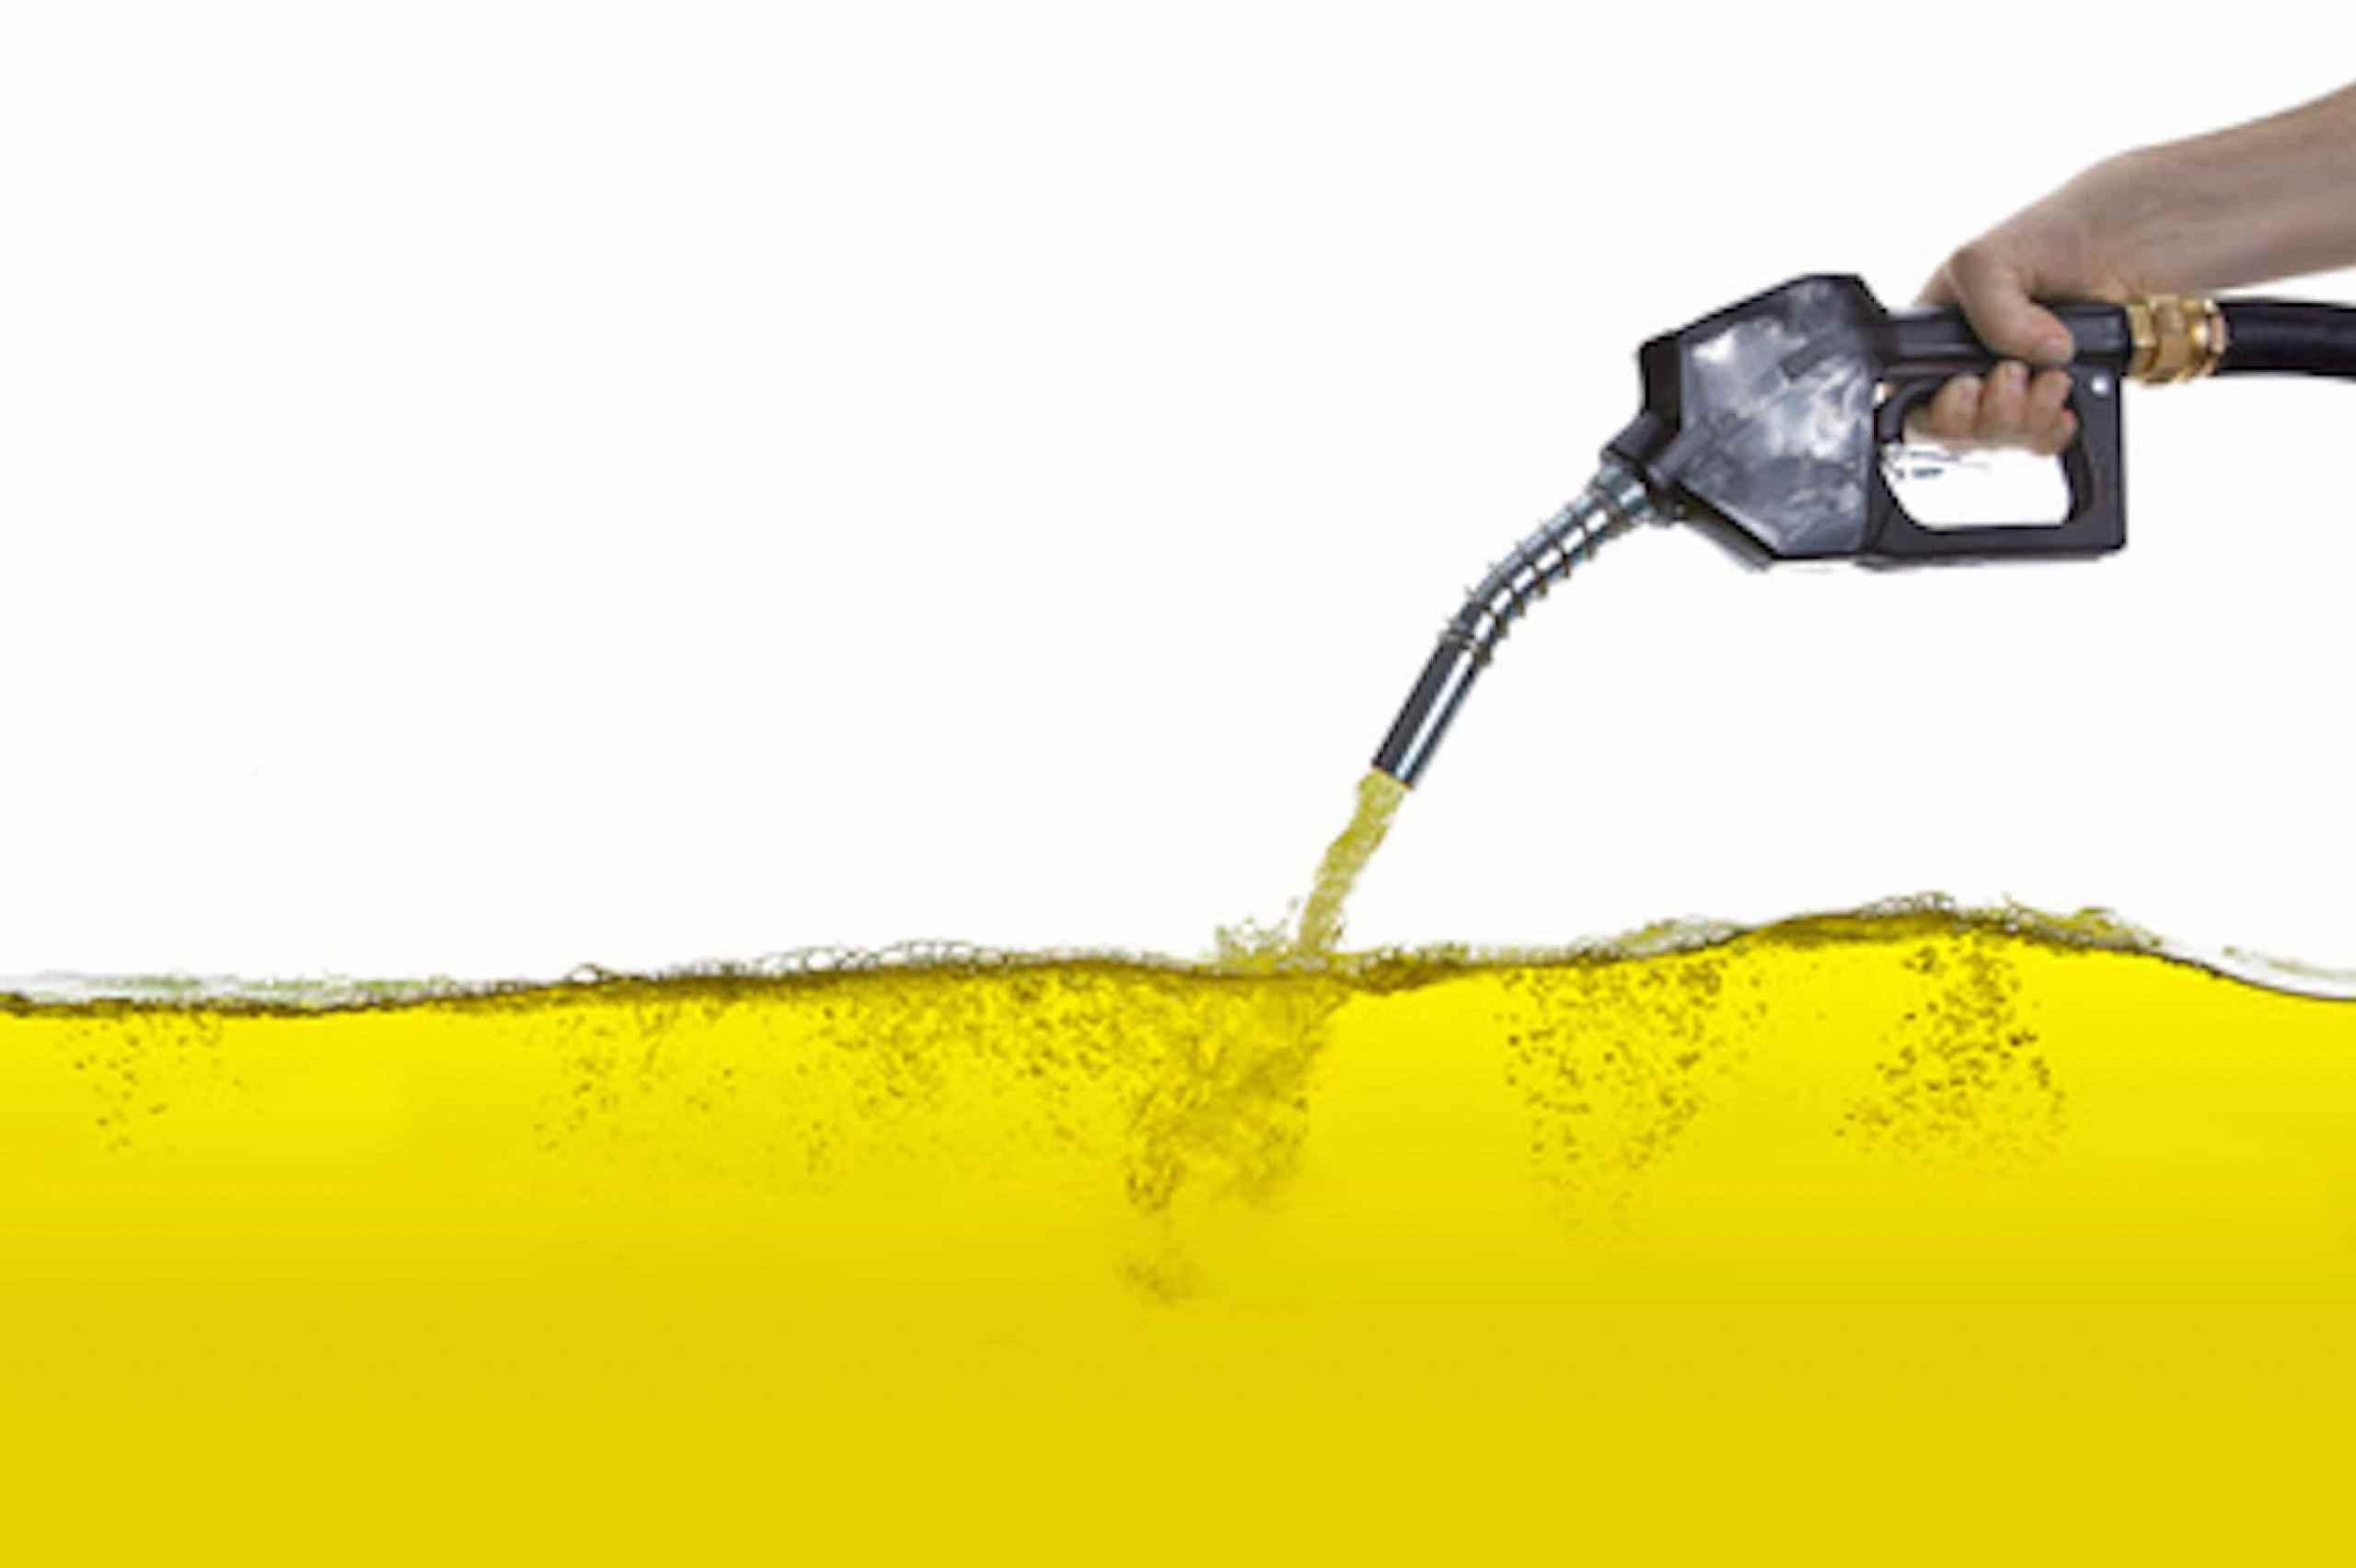 Benzin Herstellen So Wird 214 L Verwandelt